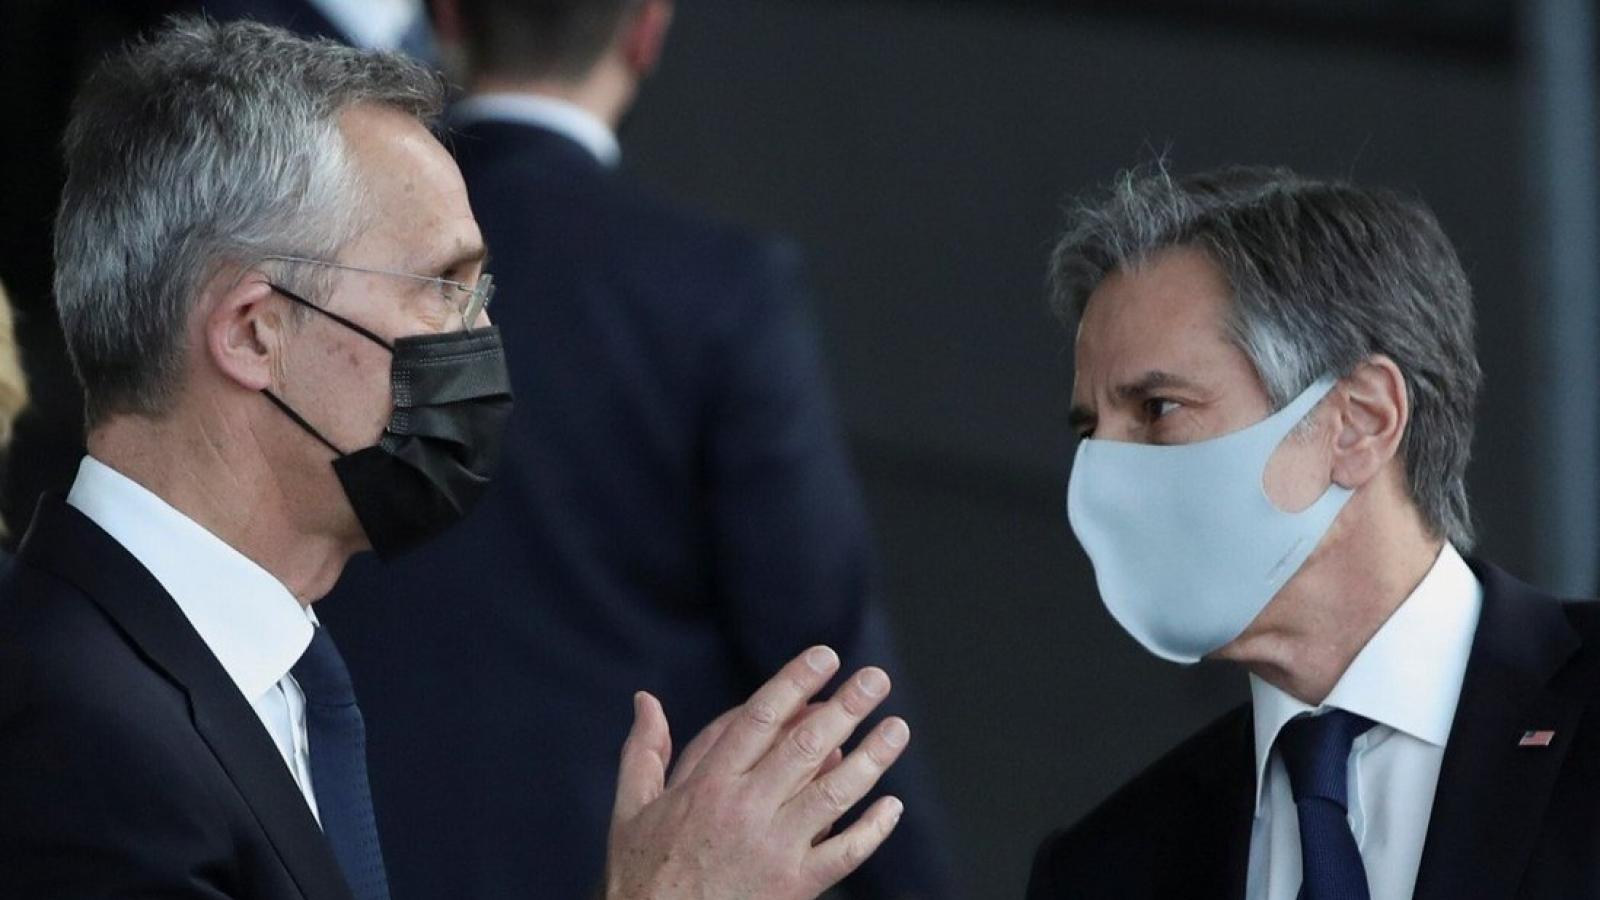 Ngoại trưởng Mỹ kêu gọi NATO đối phó Trung Quốc sau loạt lệnh trừng phạt